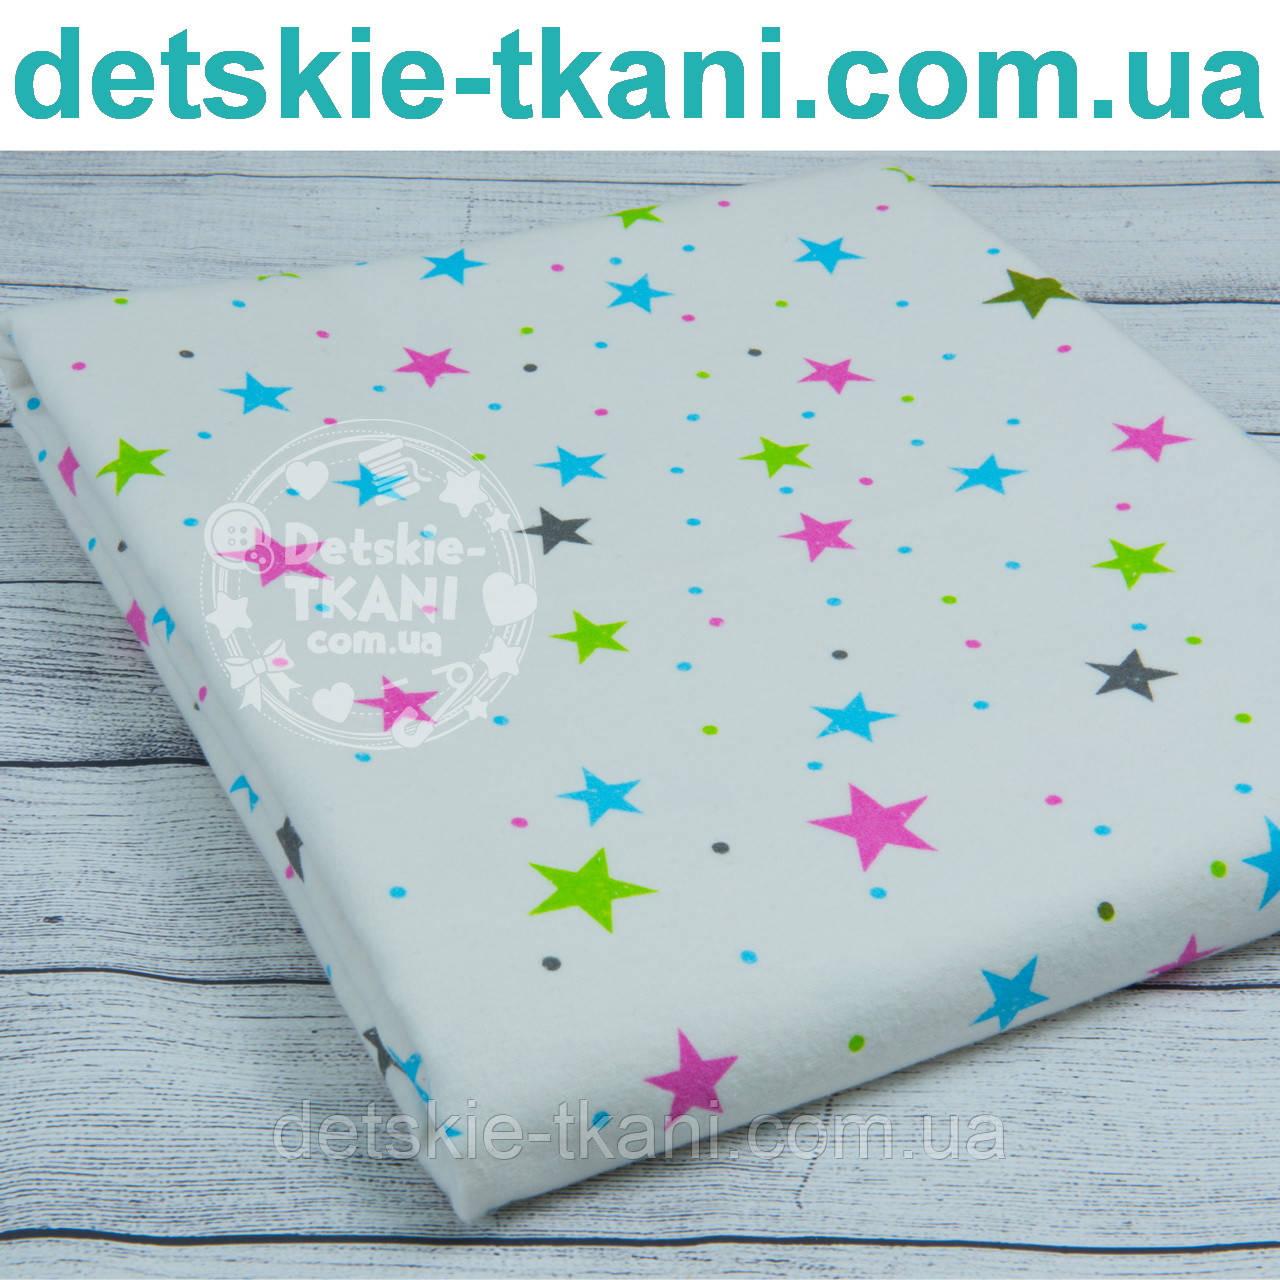 Фланель детская с разноцветными звездами и точками на белом фоне, ширина 180 см